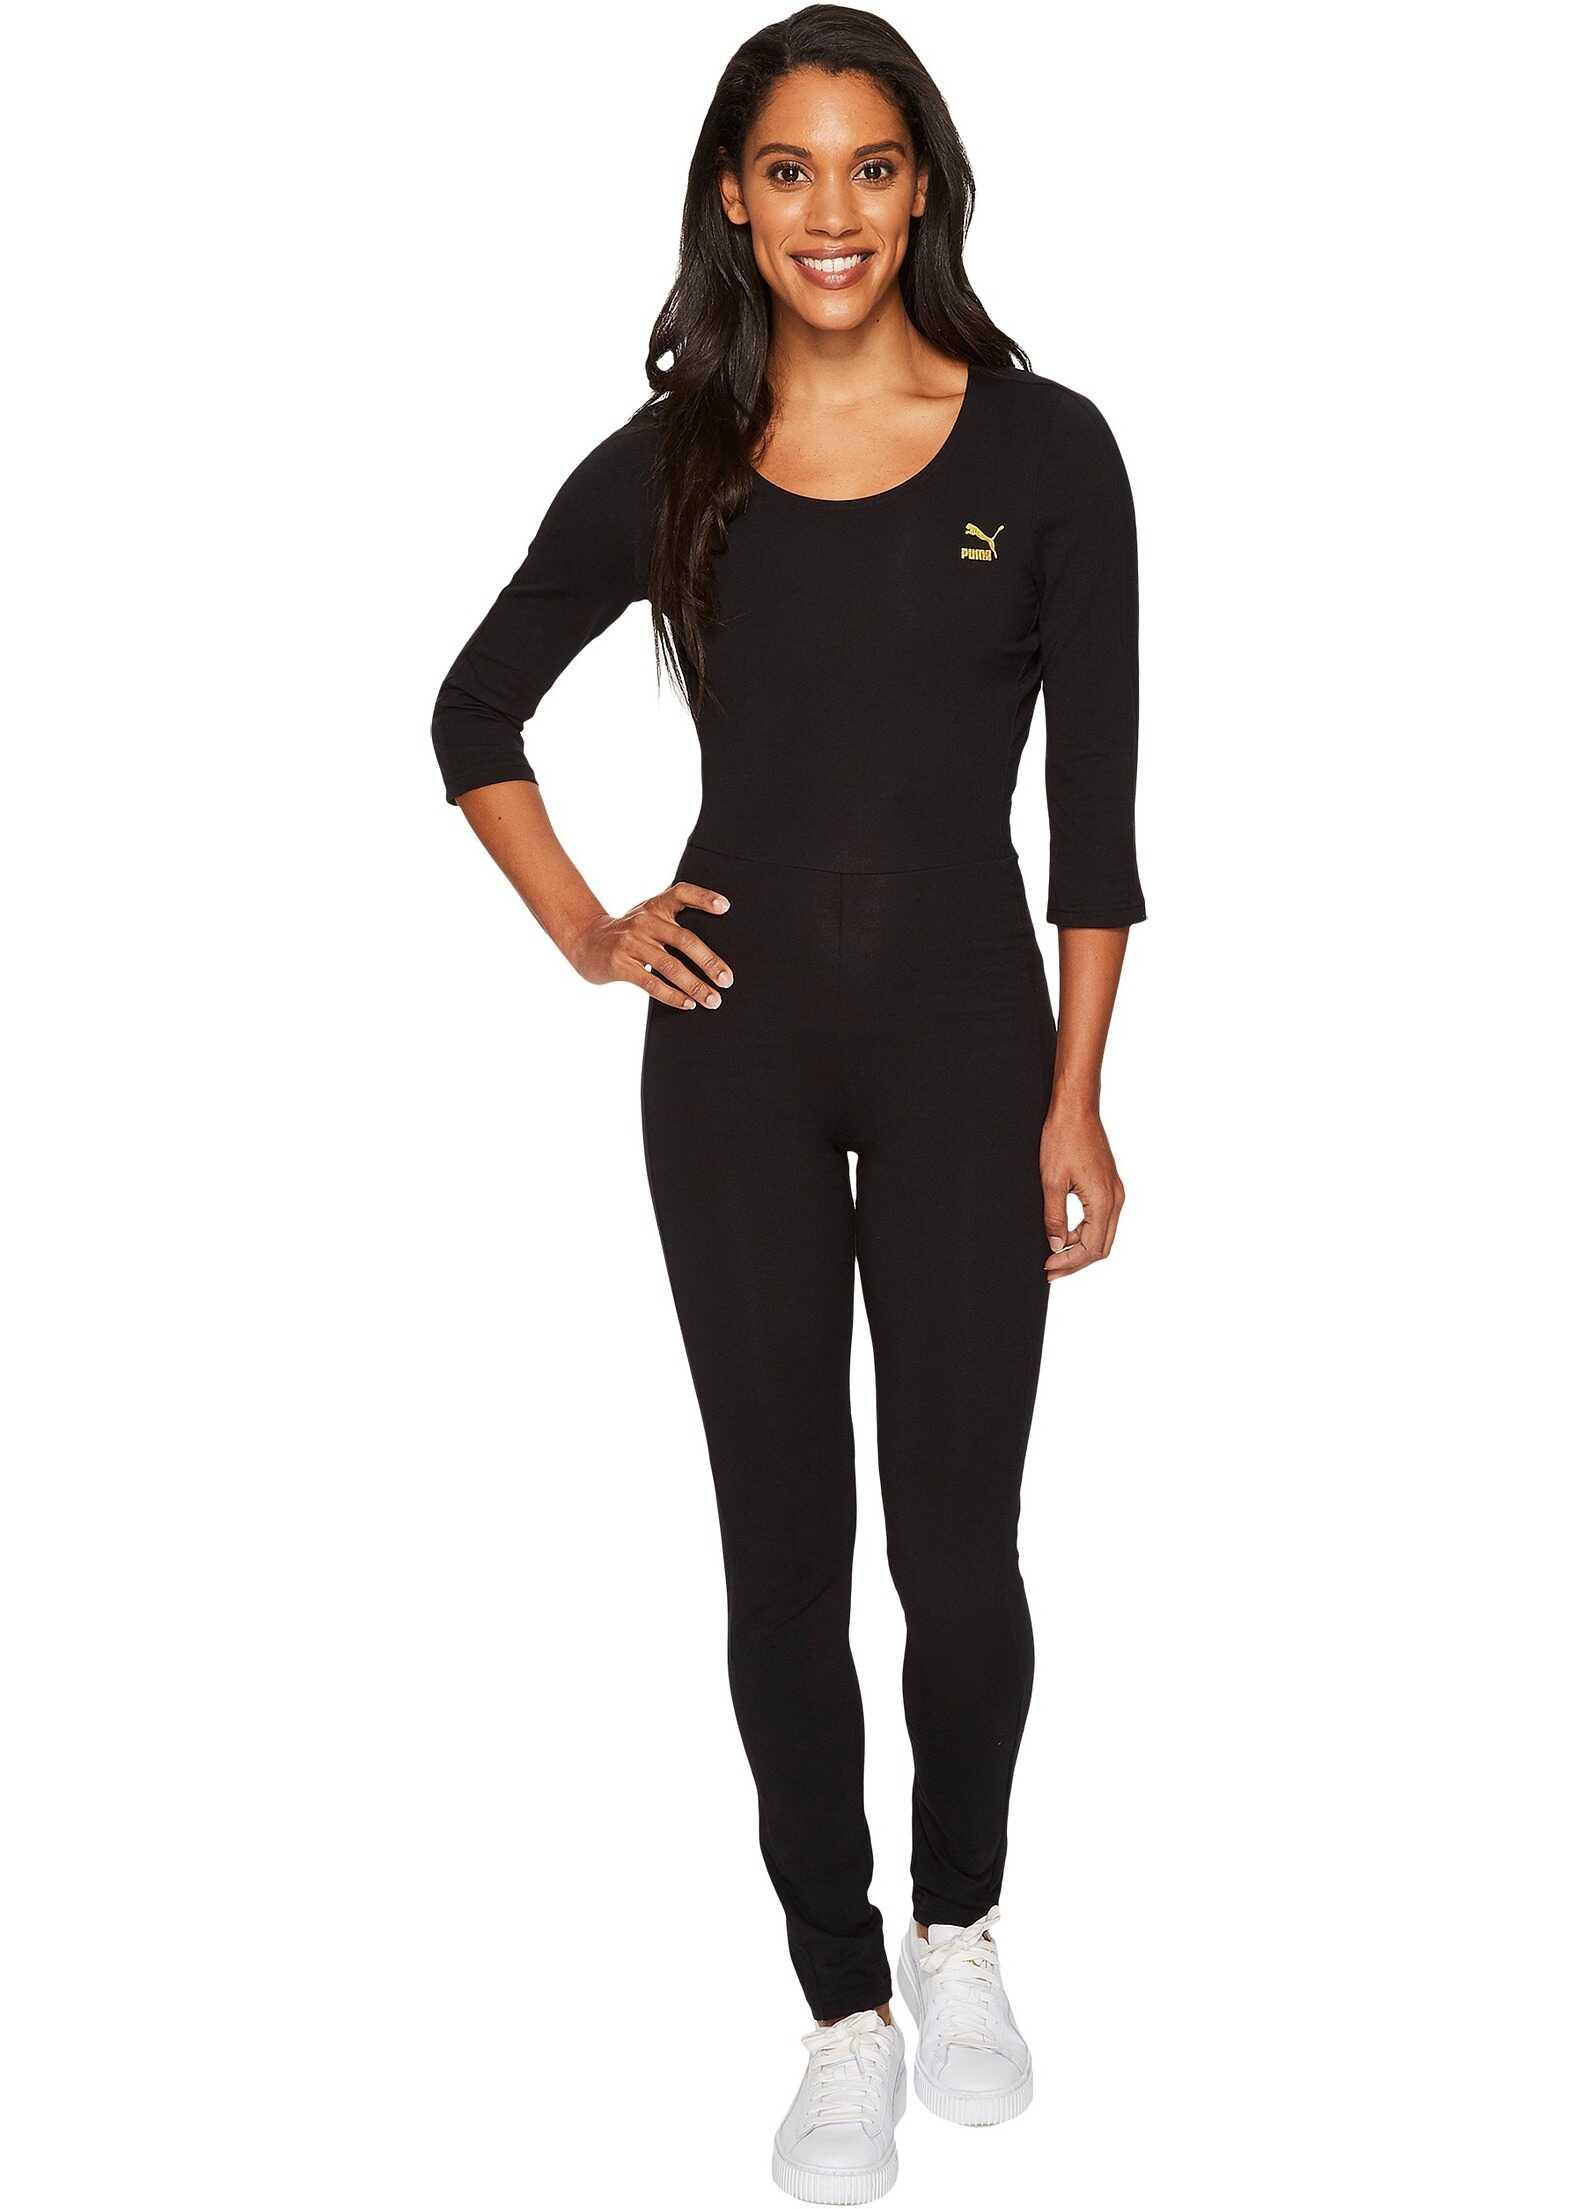 PUMA T7 Jumpsuit PUMA Black/Gold Print